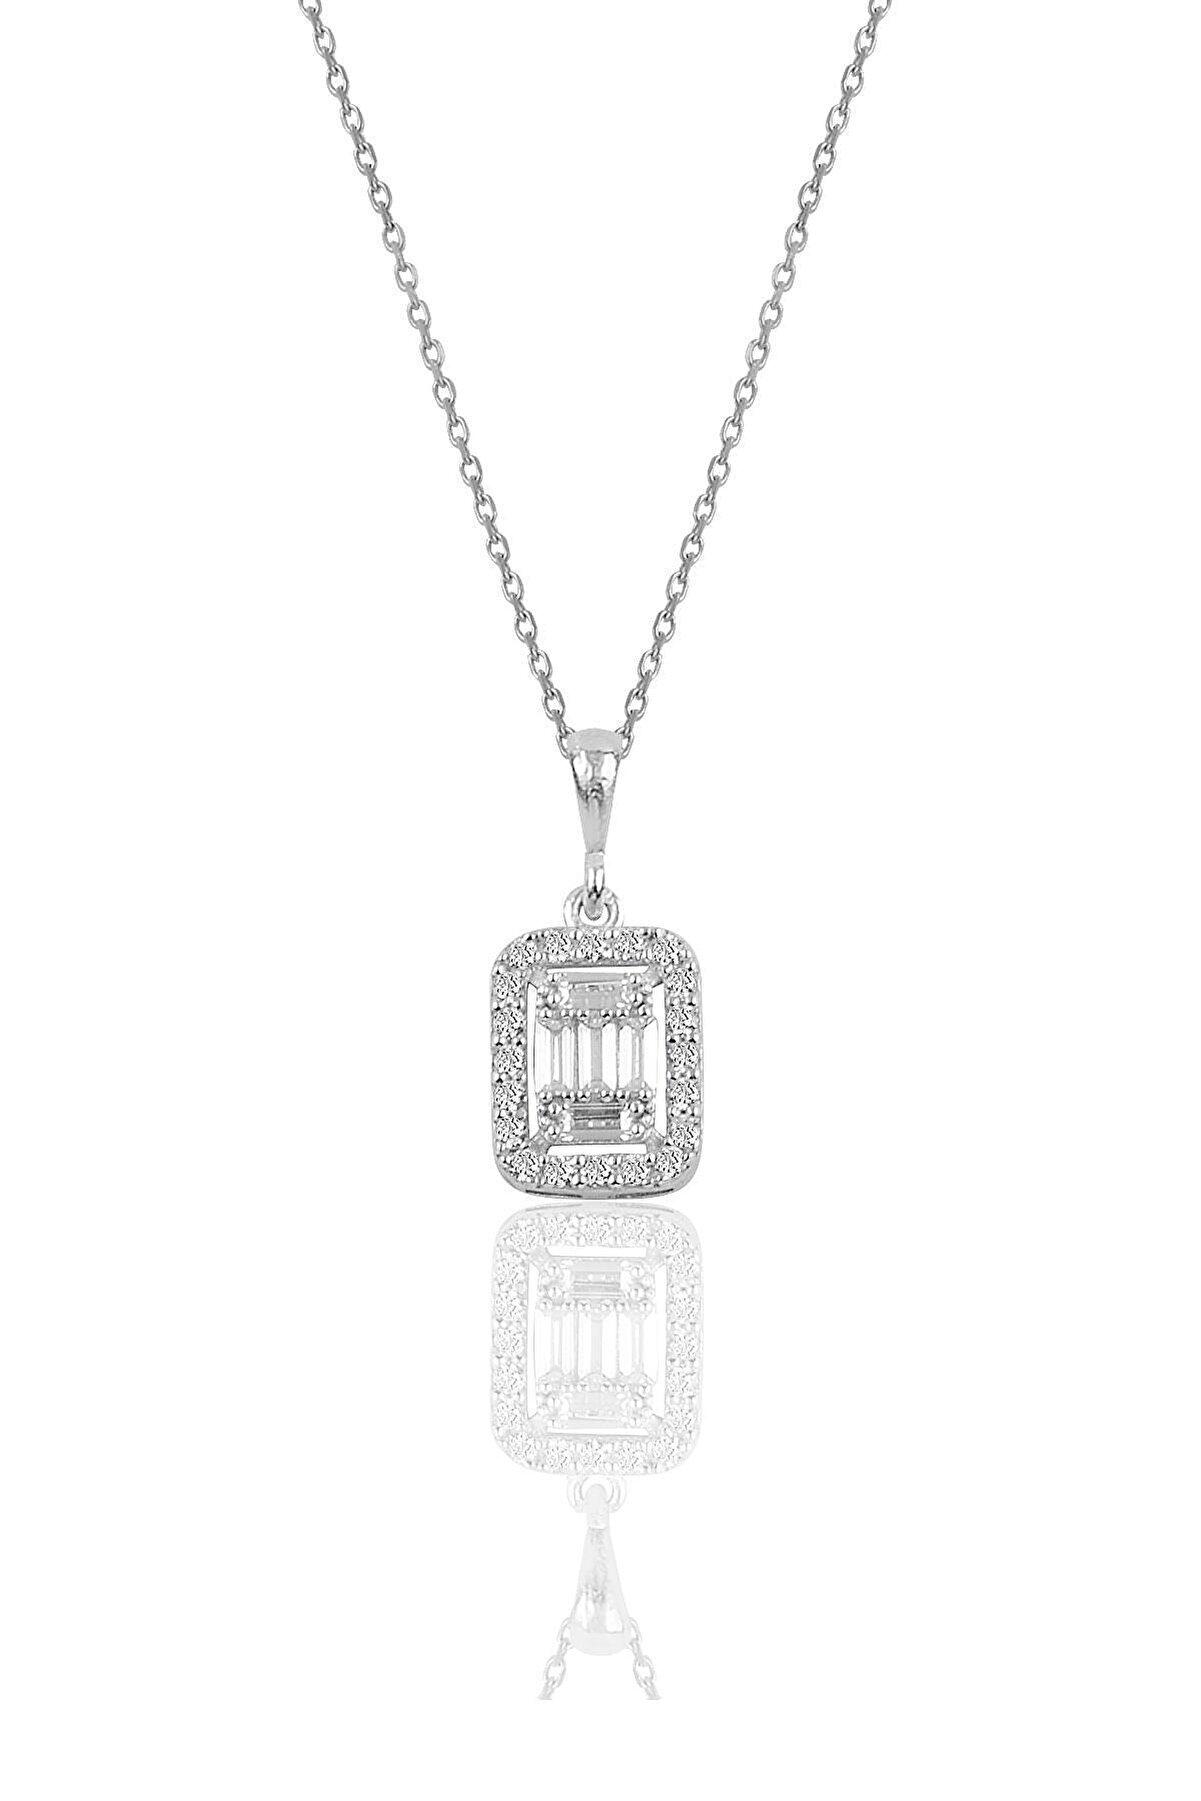 Söğütlü Silver Gümüş Rodyumlu Gümüş Baget Taşlı Kolye